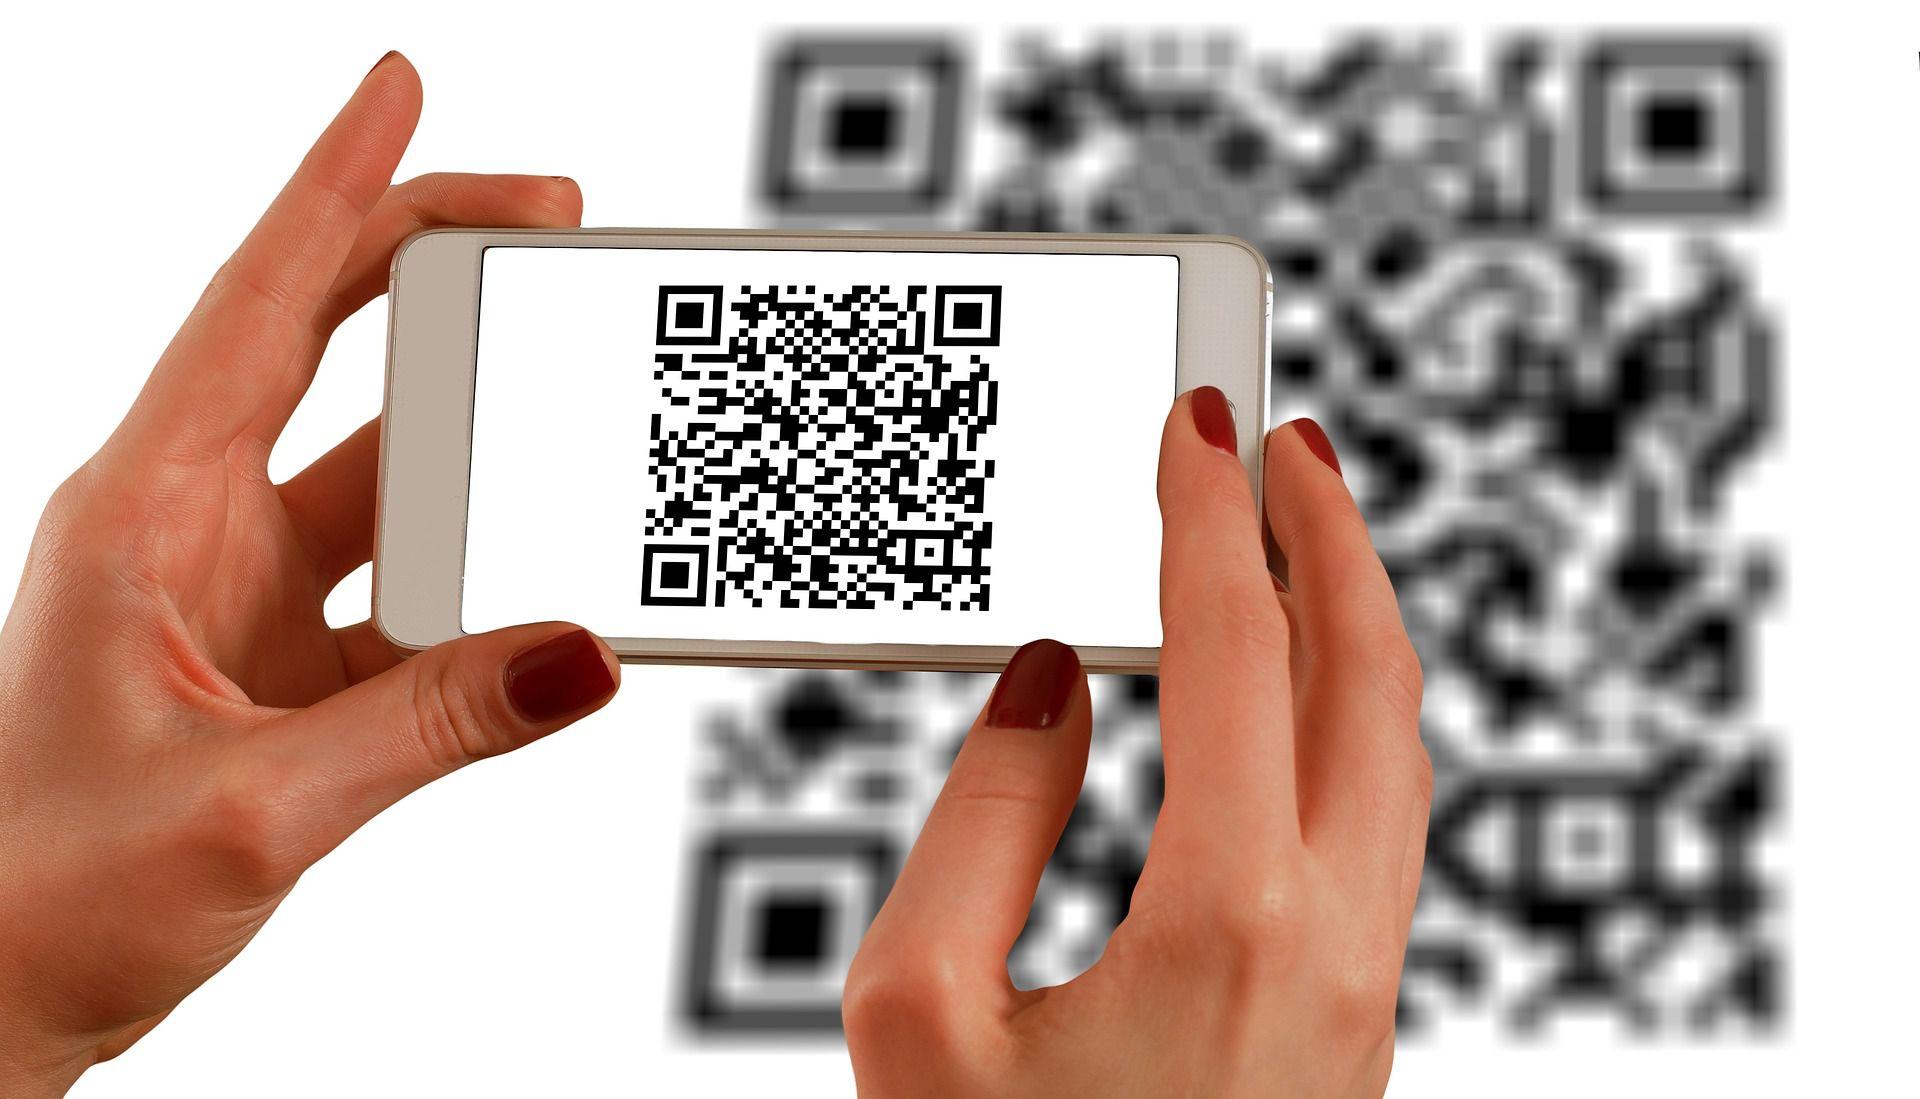 El uso del código QR avanzó más entre los usuarios más sofisticados, pero no hay que subestimar a ningún sector de la población (Pixabay)